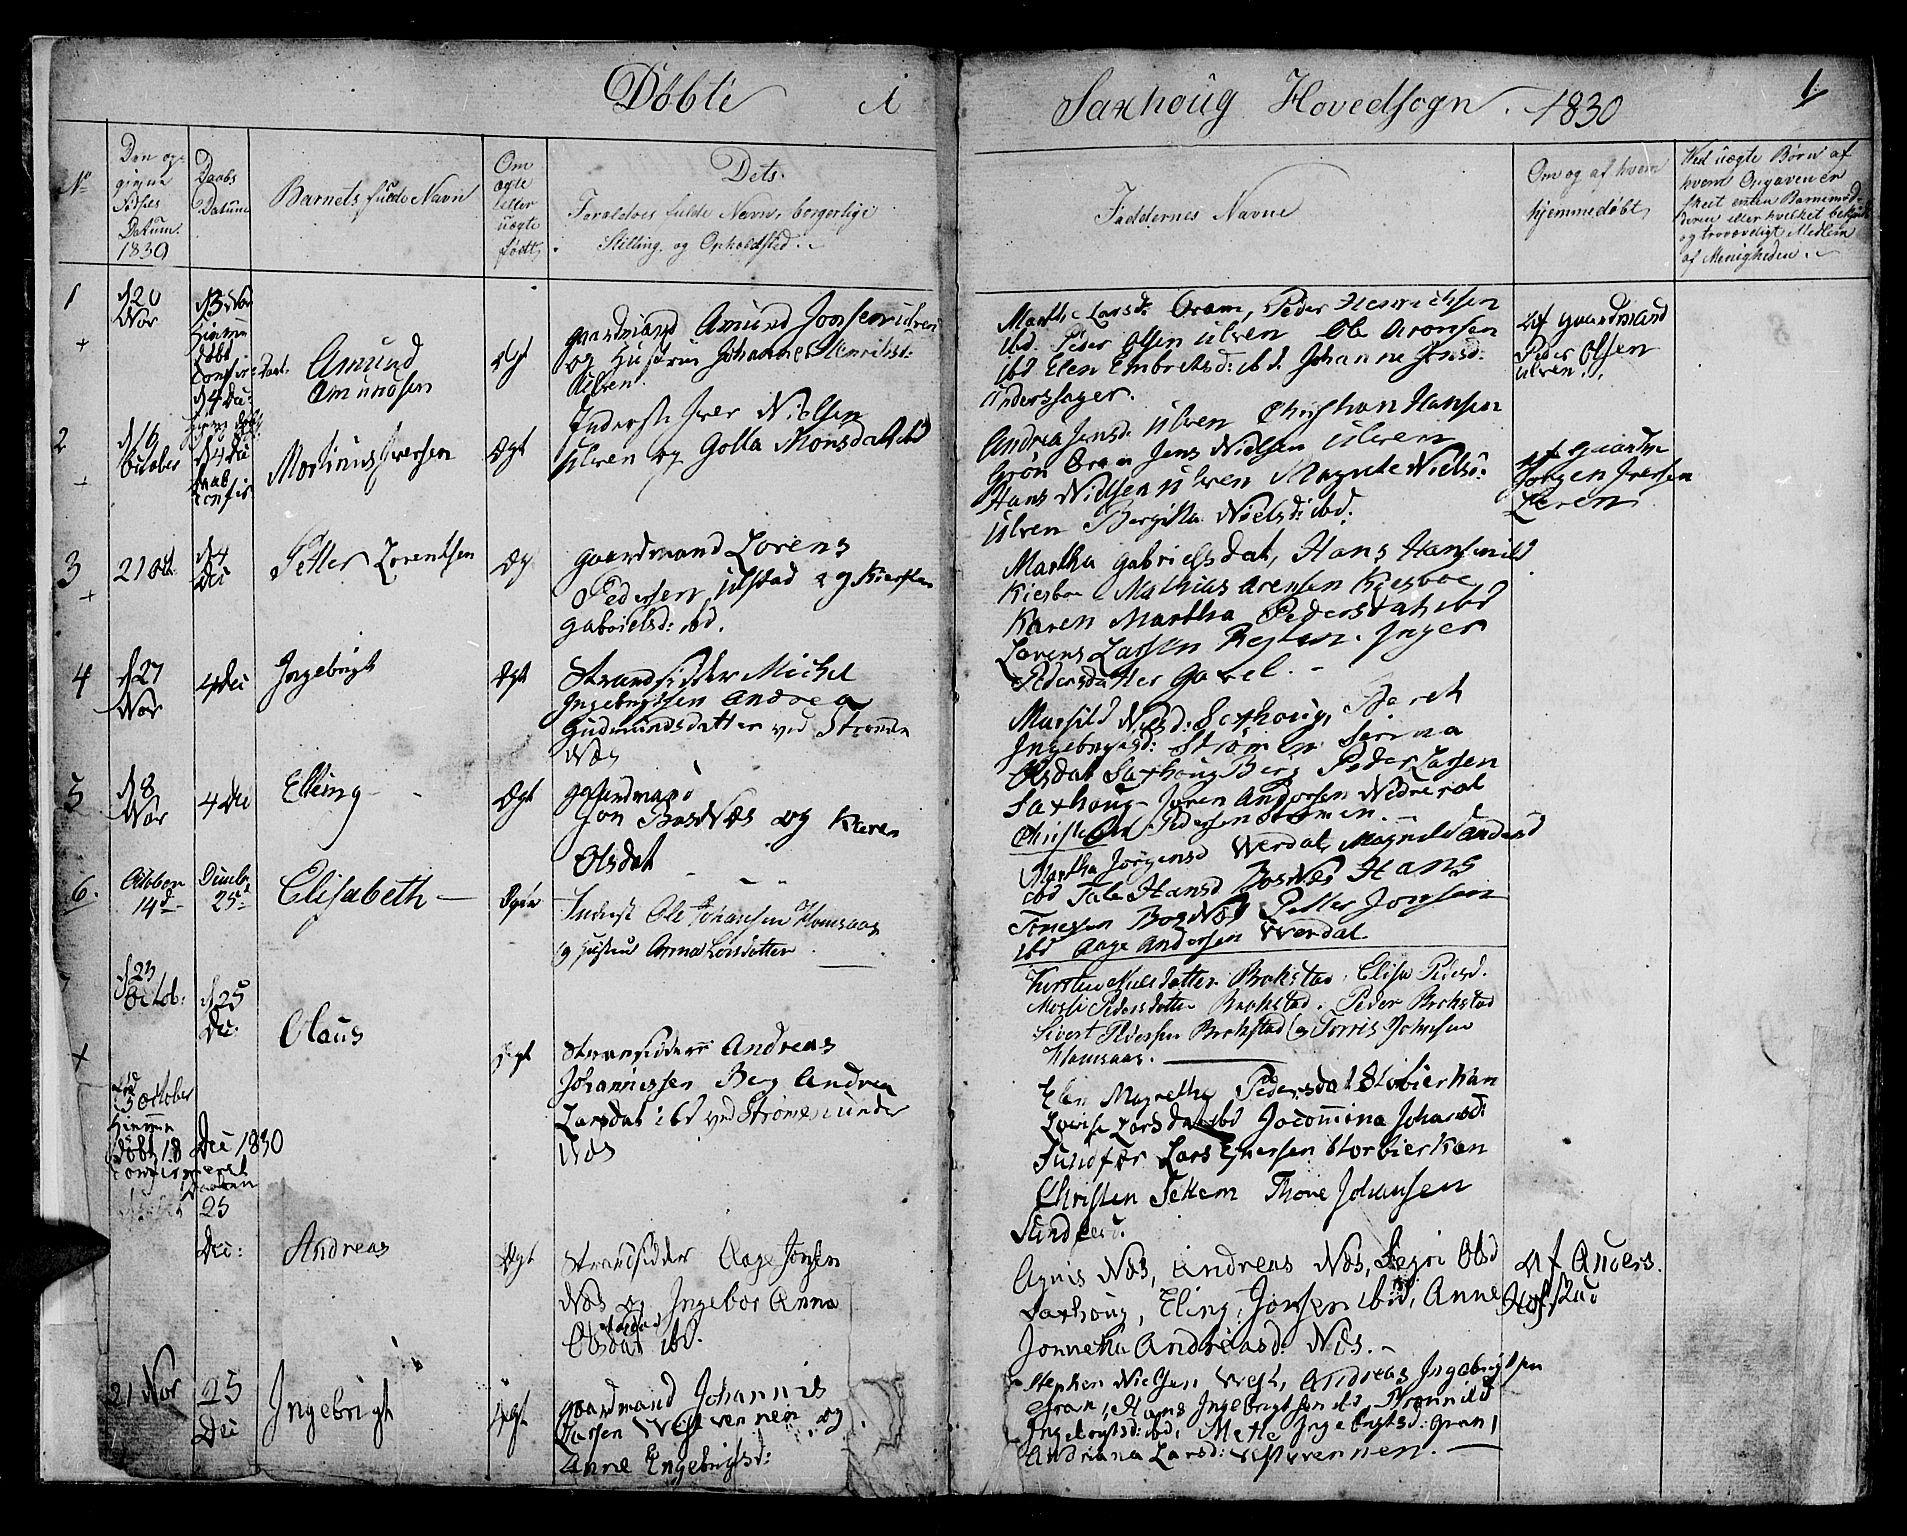 SAT, Ministerialprotokoller, klokkerbøker og fødselsregistre - Nord-Trøndelag, 730/L0277: Ministerialbok nr. 730A06 /1, 1830-1839, s. 1